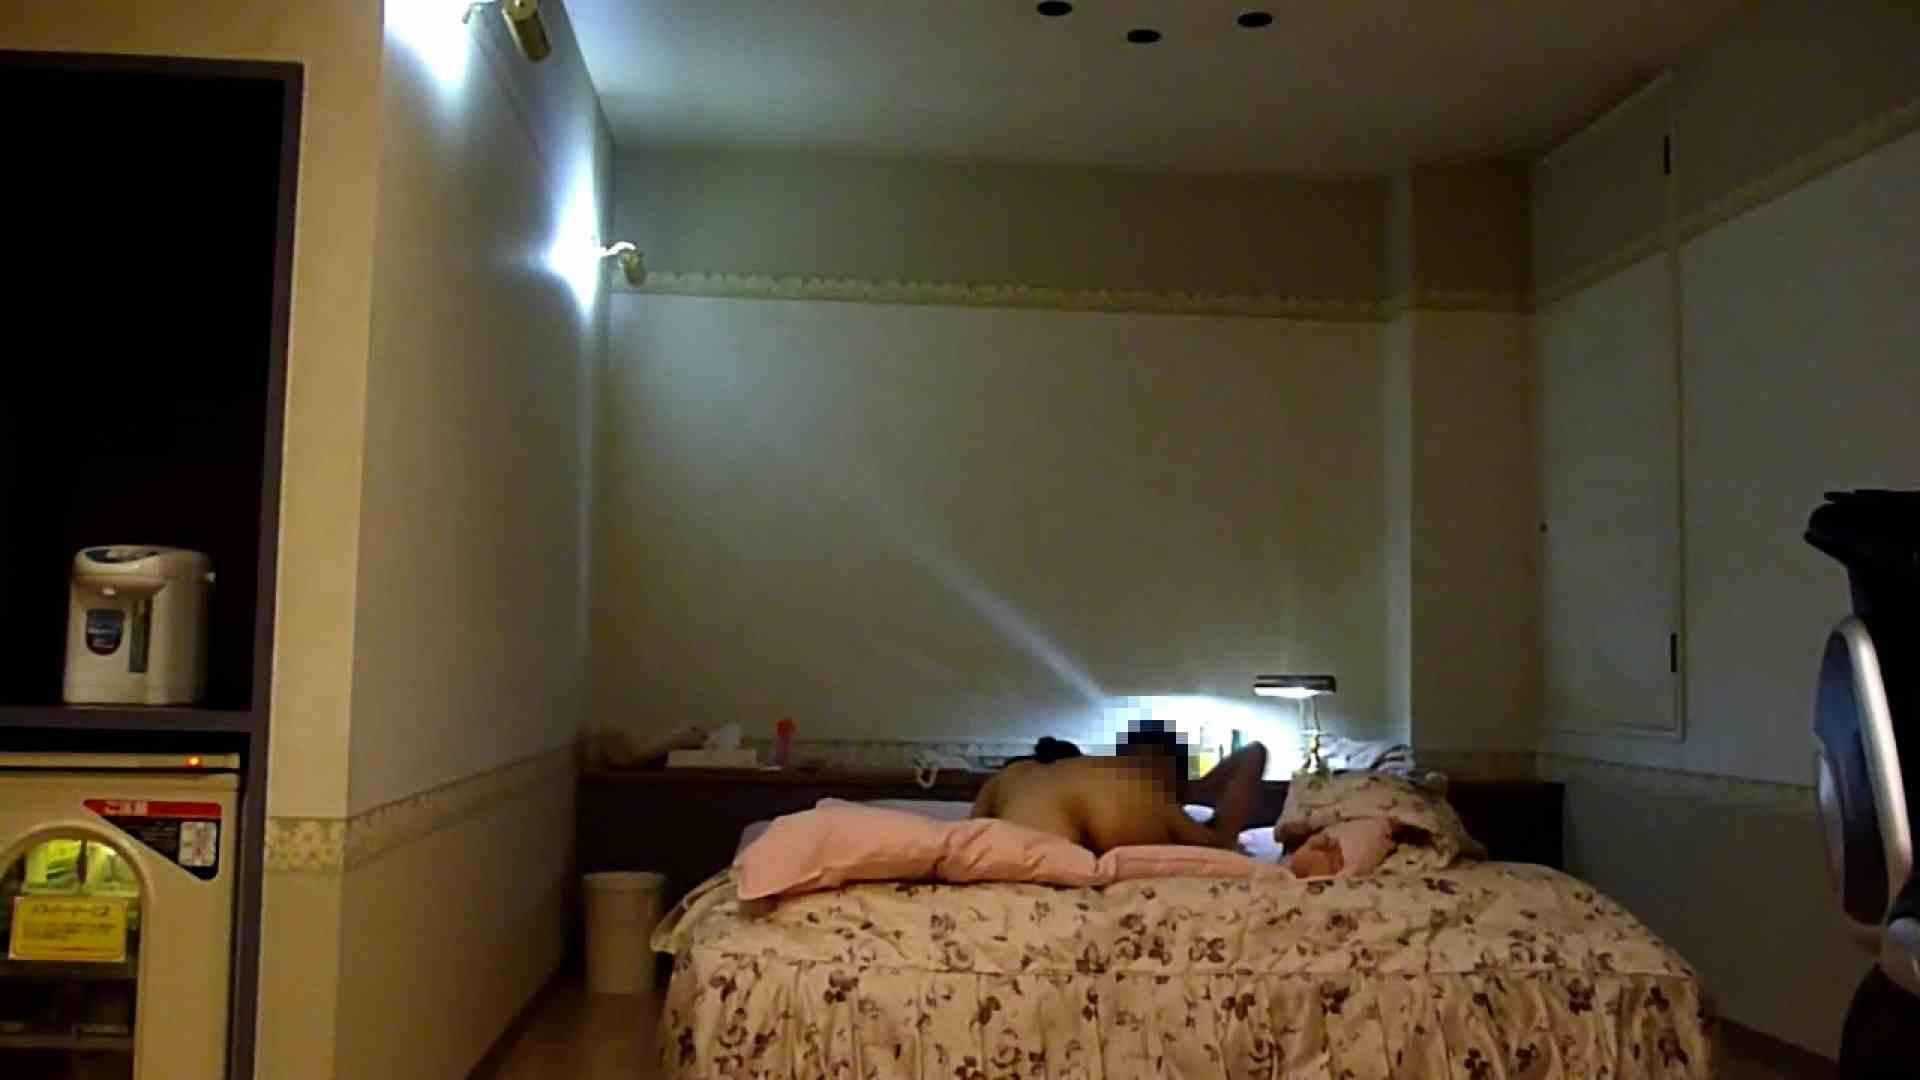 【完全素人投稿】誰にしようか!?やりチン健太の本日もデリ嬢いただきま~す!!12 投稿 セックス無修正動画無料 106pic 86